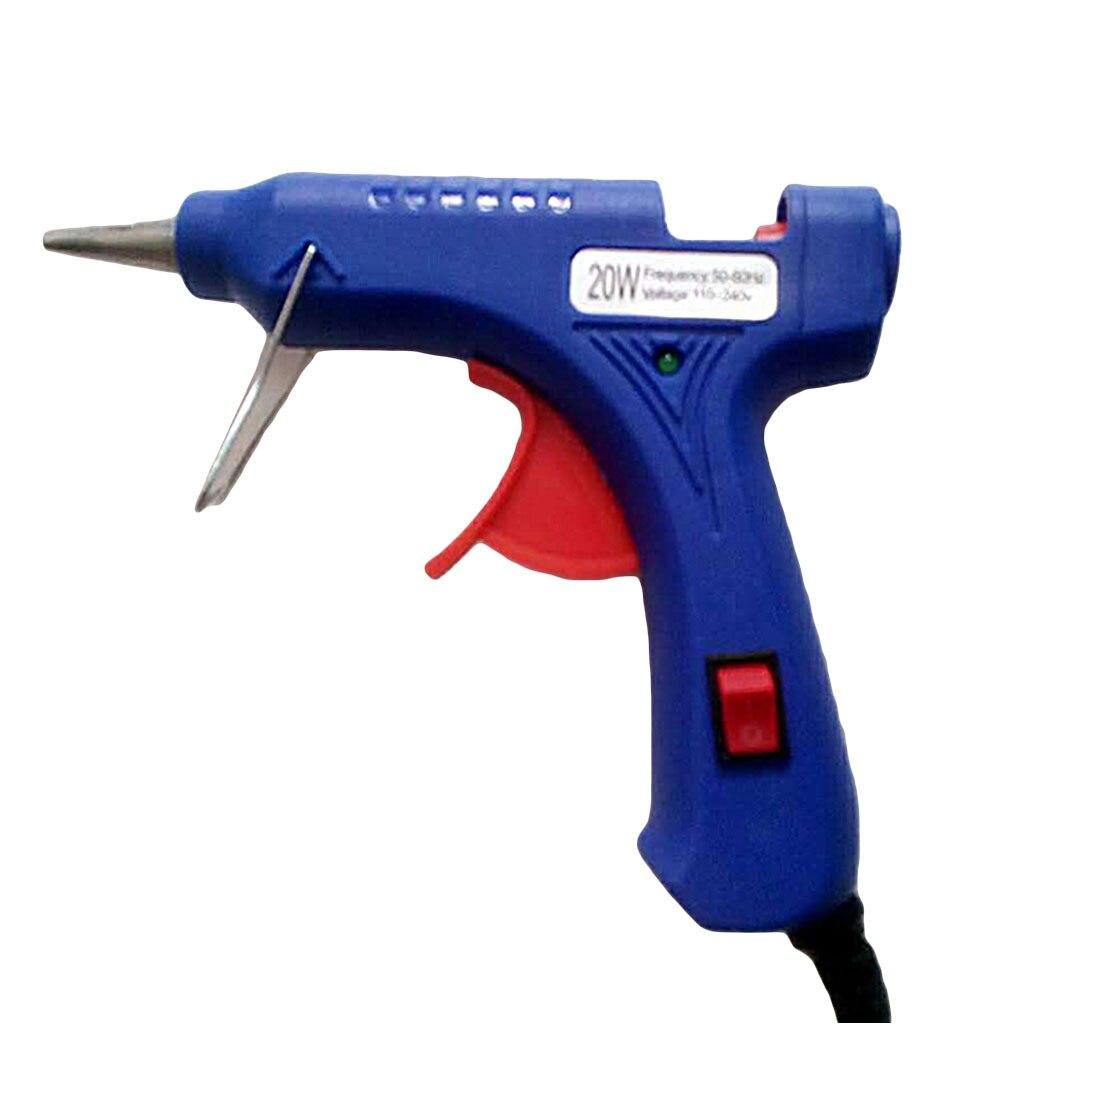 1 шт.. высокотемпературный нагреватель расплавленный горячий клеевой пистолет 20 Вт инструмент для ремонта теплового пистолета синий мини-пистолет EU штекер